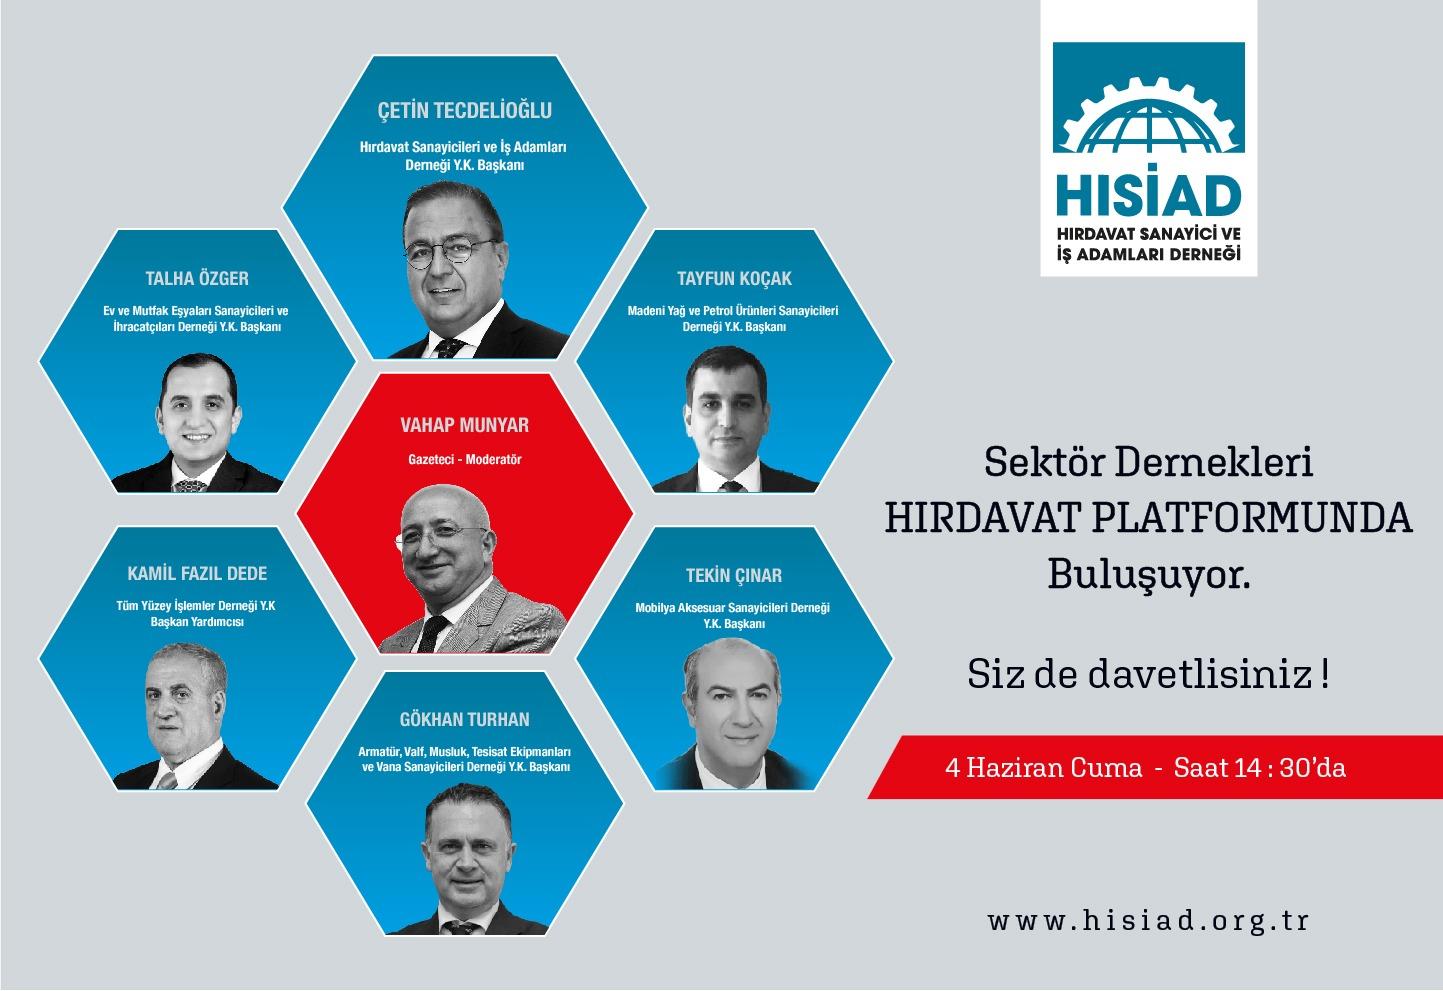 HISİAD Sektör Derneklerini Buluşturuyor